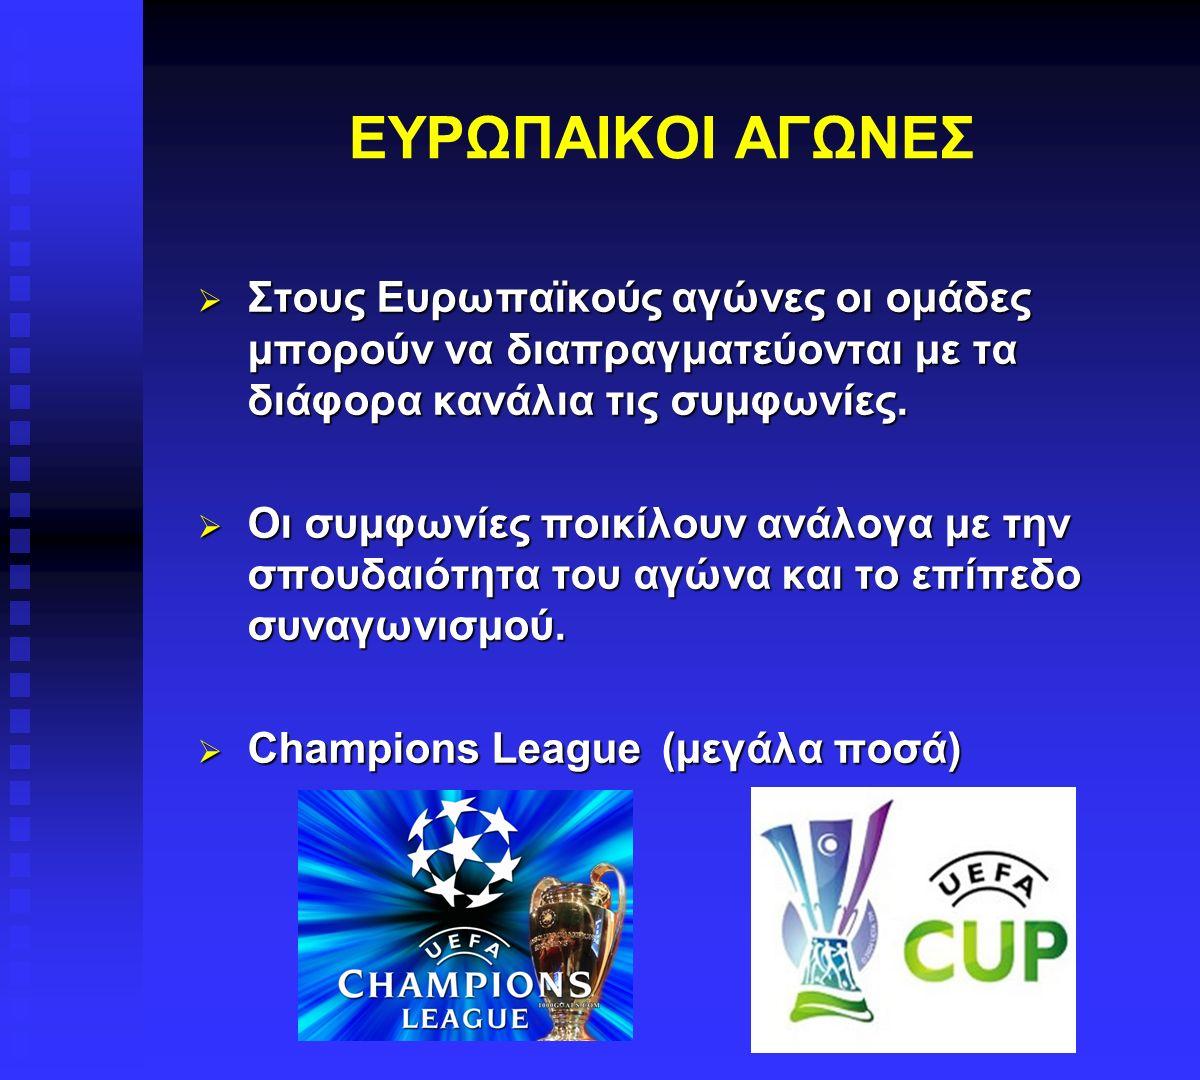 ΕΥΡΩΠΑΙΚΟΙ ΑΓΩΝΕΣ  Στους Ευρωπαϊκούς αγώνες οι ομάδες μπορούν να διαπραγματεύονται με τα διάφορα κανάλια τις συμφωνίες.  Οι συμφωνίες ποικίλουν ανάλ